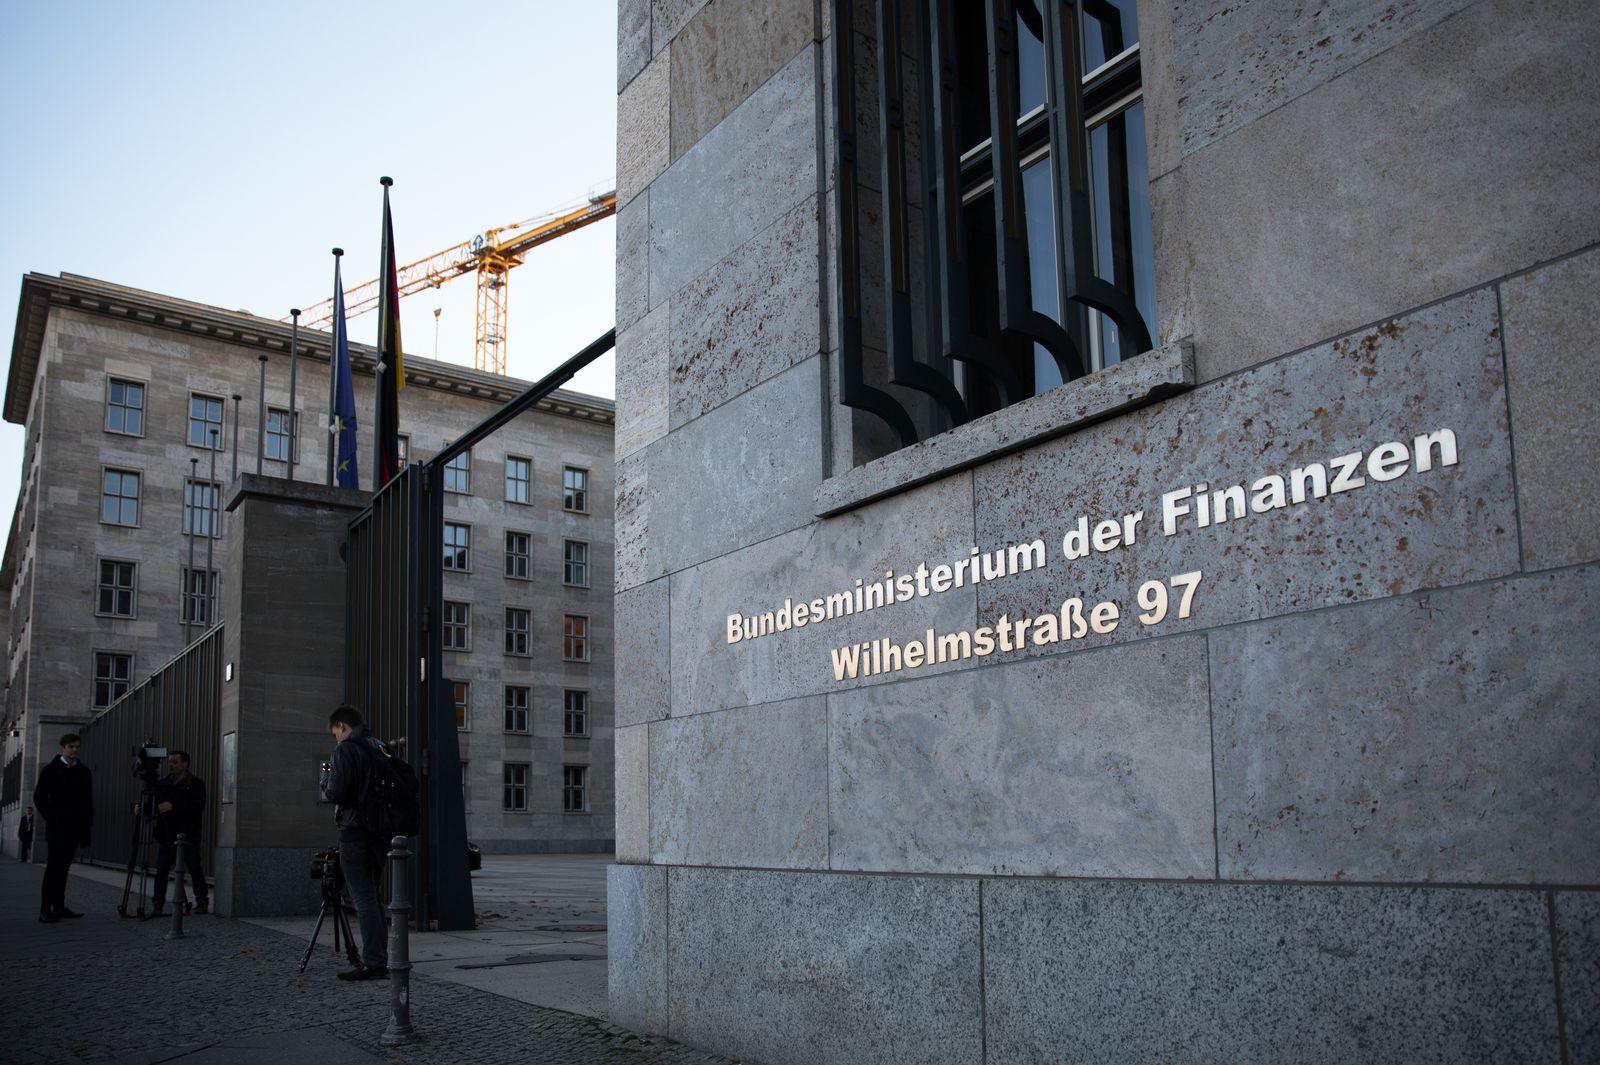 Bundesministeriums der Finanzen / Bundesfinanzministerium / fFinanzministerium